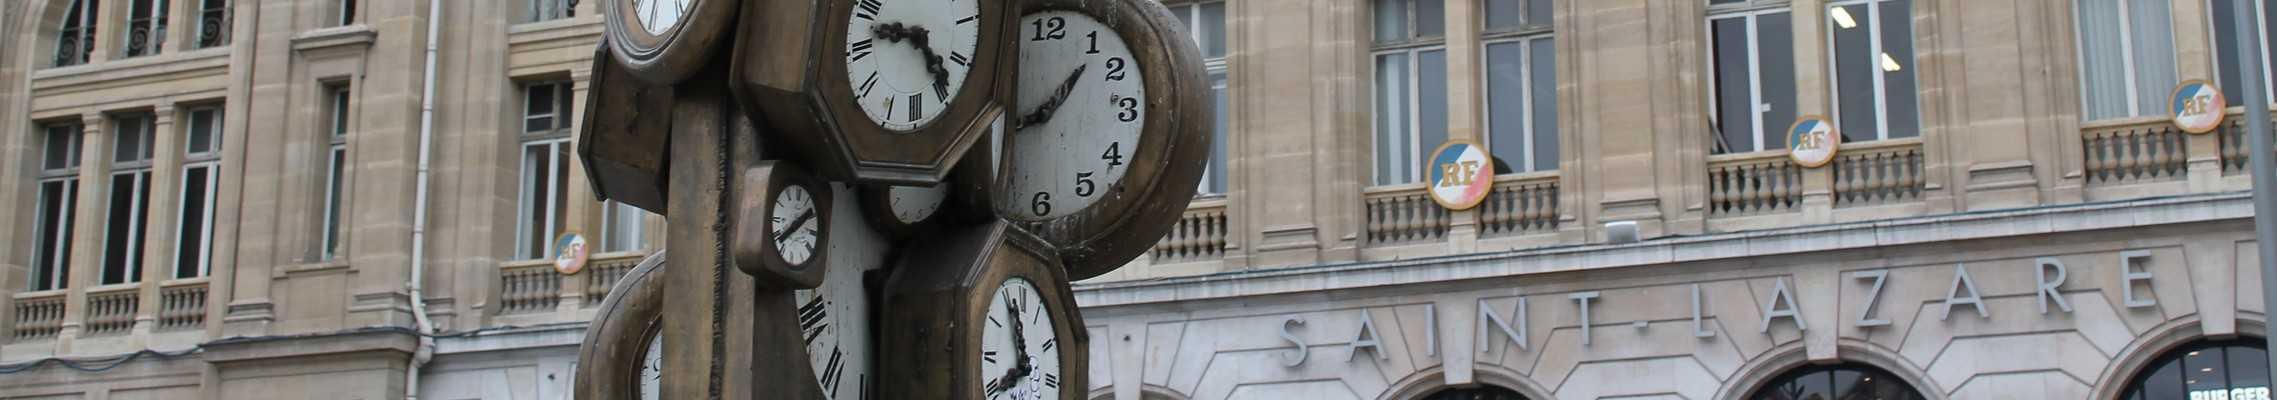 Devanture de la gare Saint-Lazare